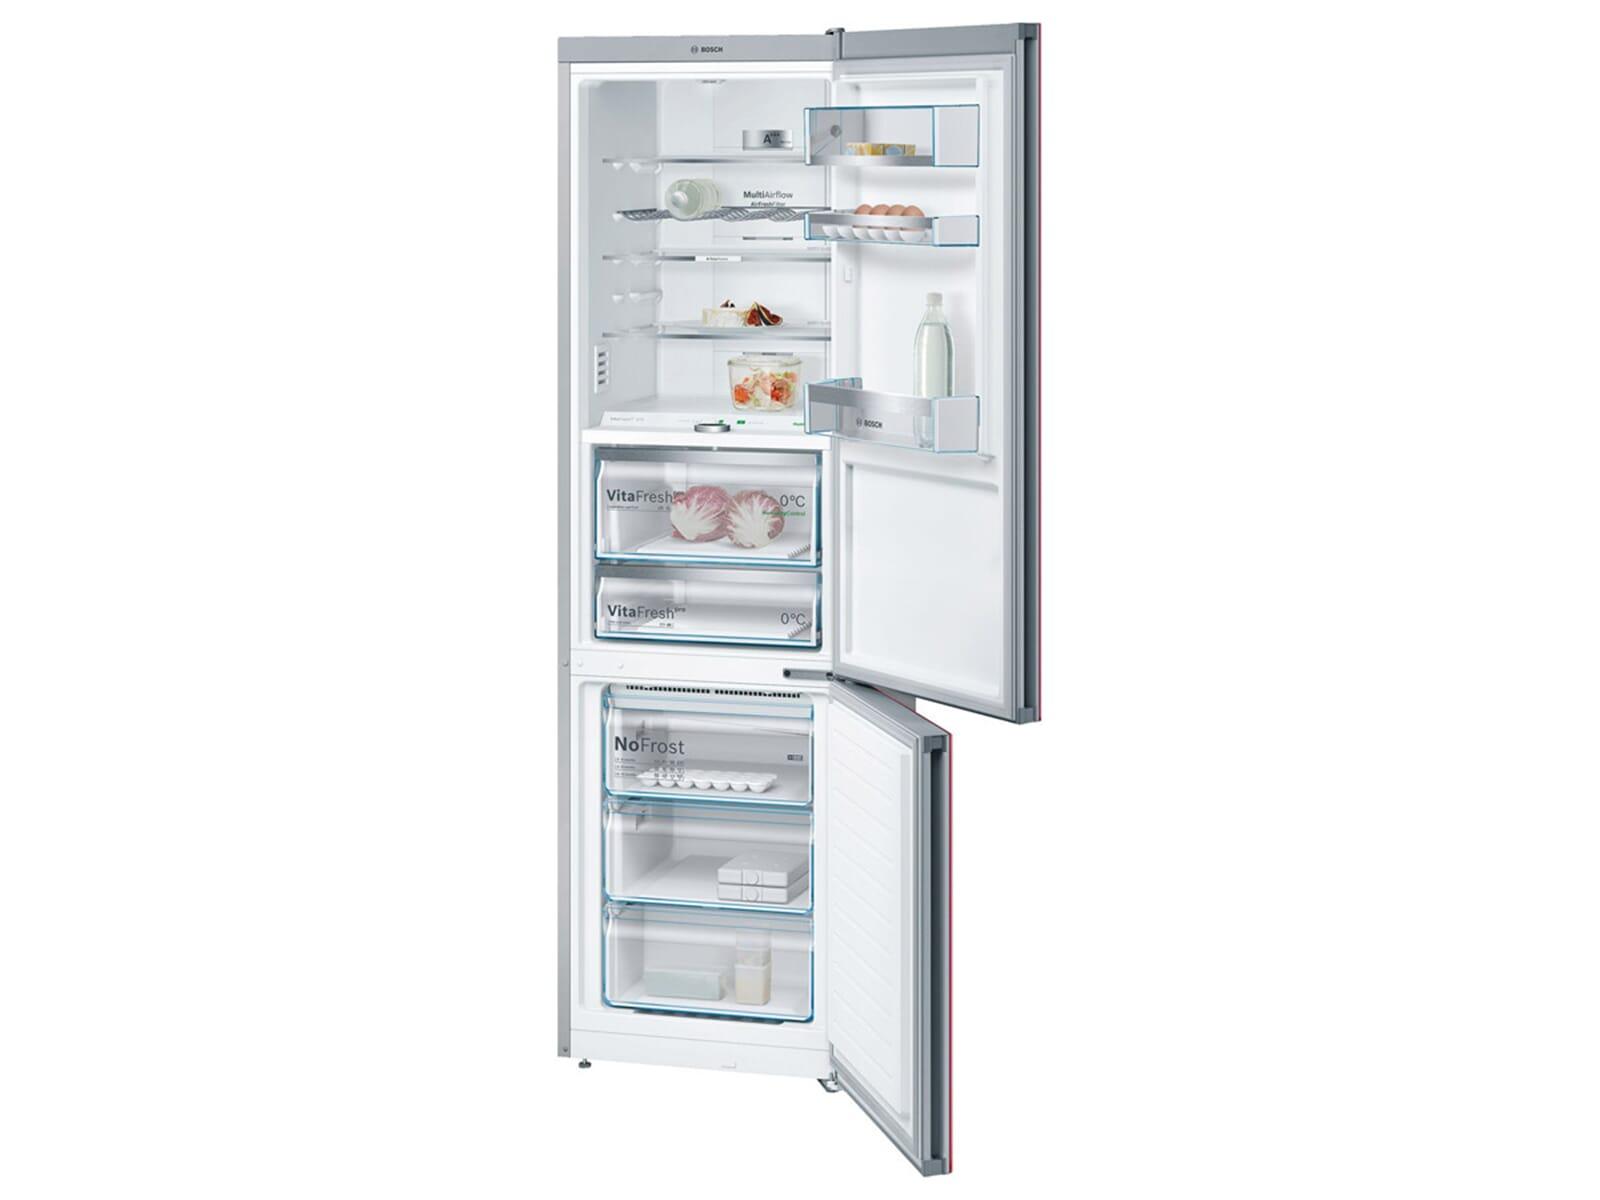 Bosch Kühlschrank Kgn 39 Xi 45 : Kühl gefrierkombination no frost bosch: kühl gefrier kombination kgn